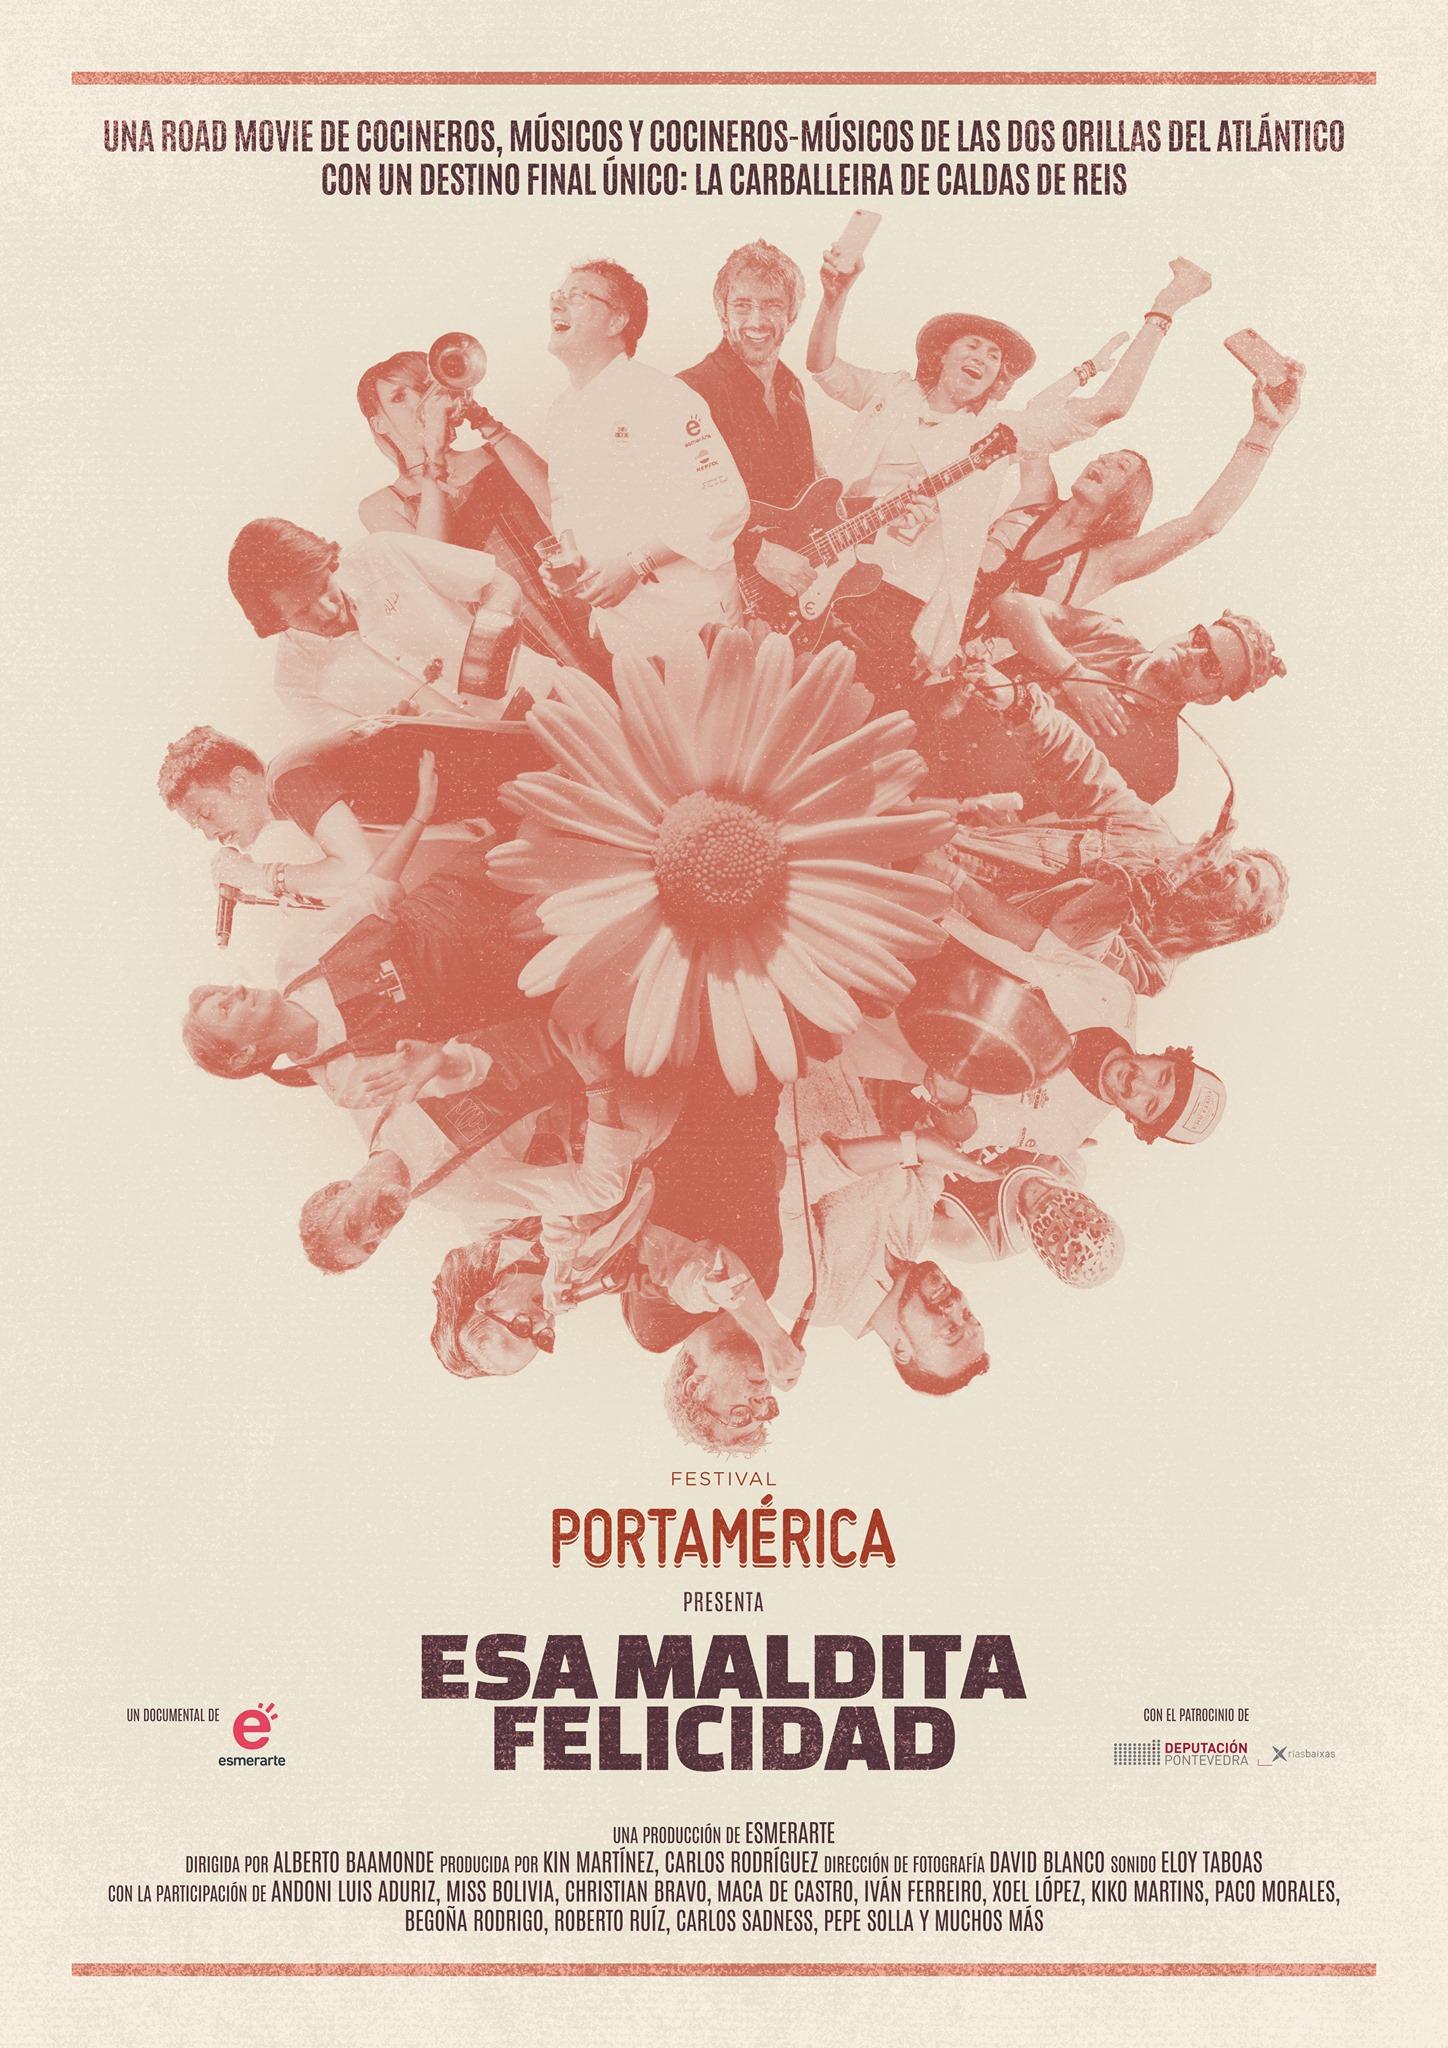 Alberto Baamonde dirixe 'Esa maldita felicidad' que se estrea mañá na canle de YouTube do festival